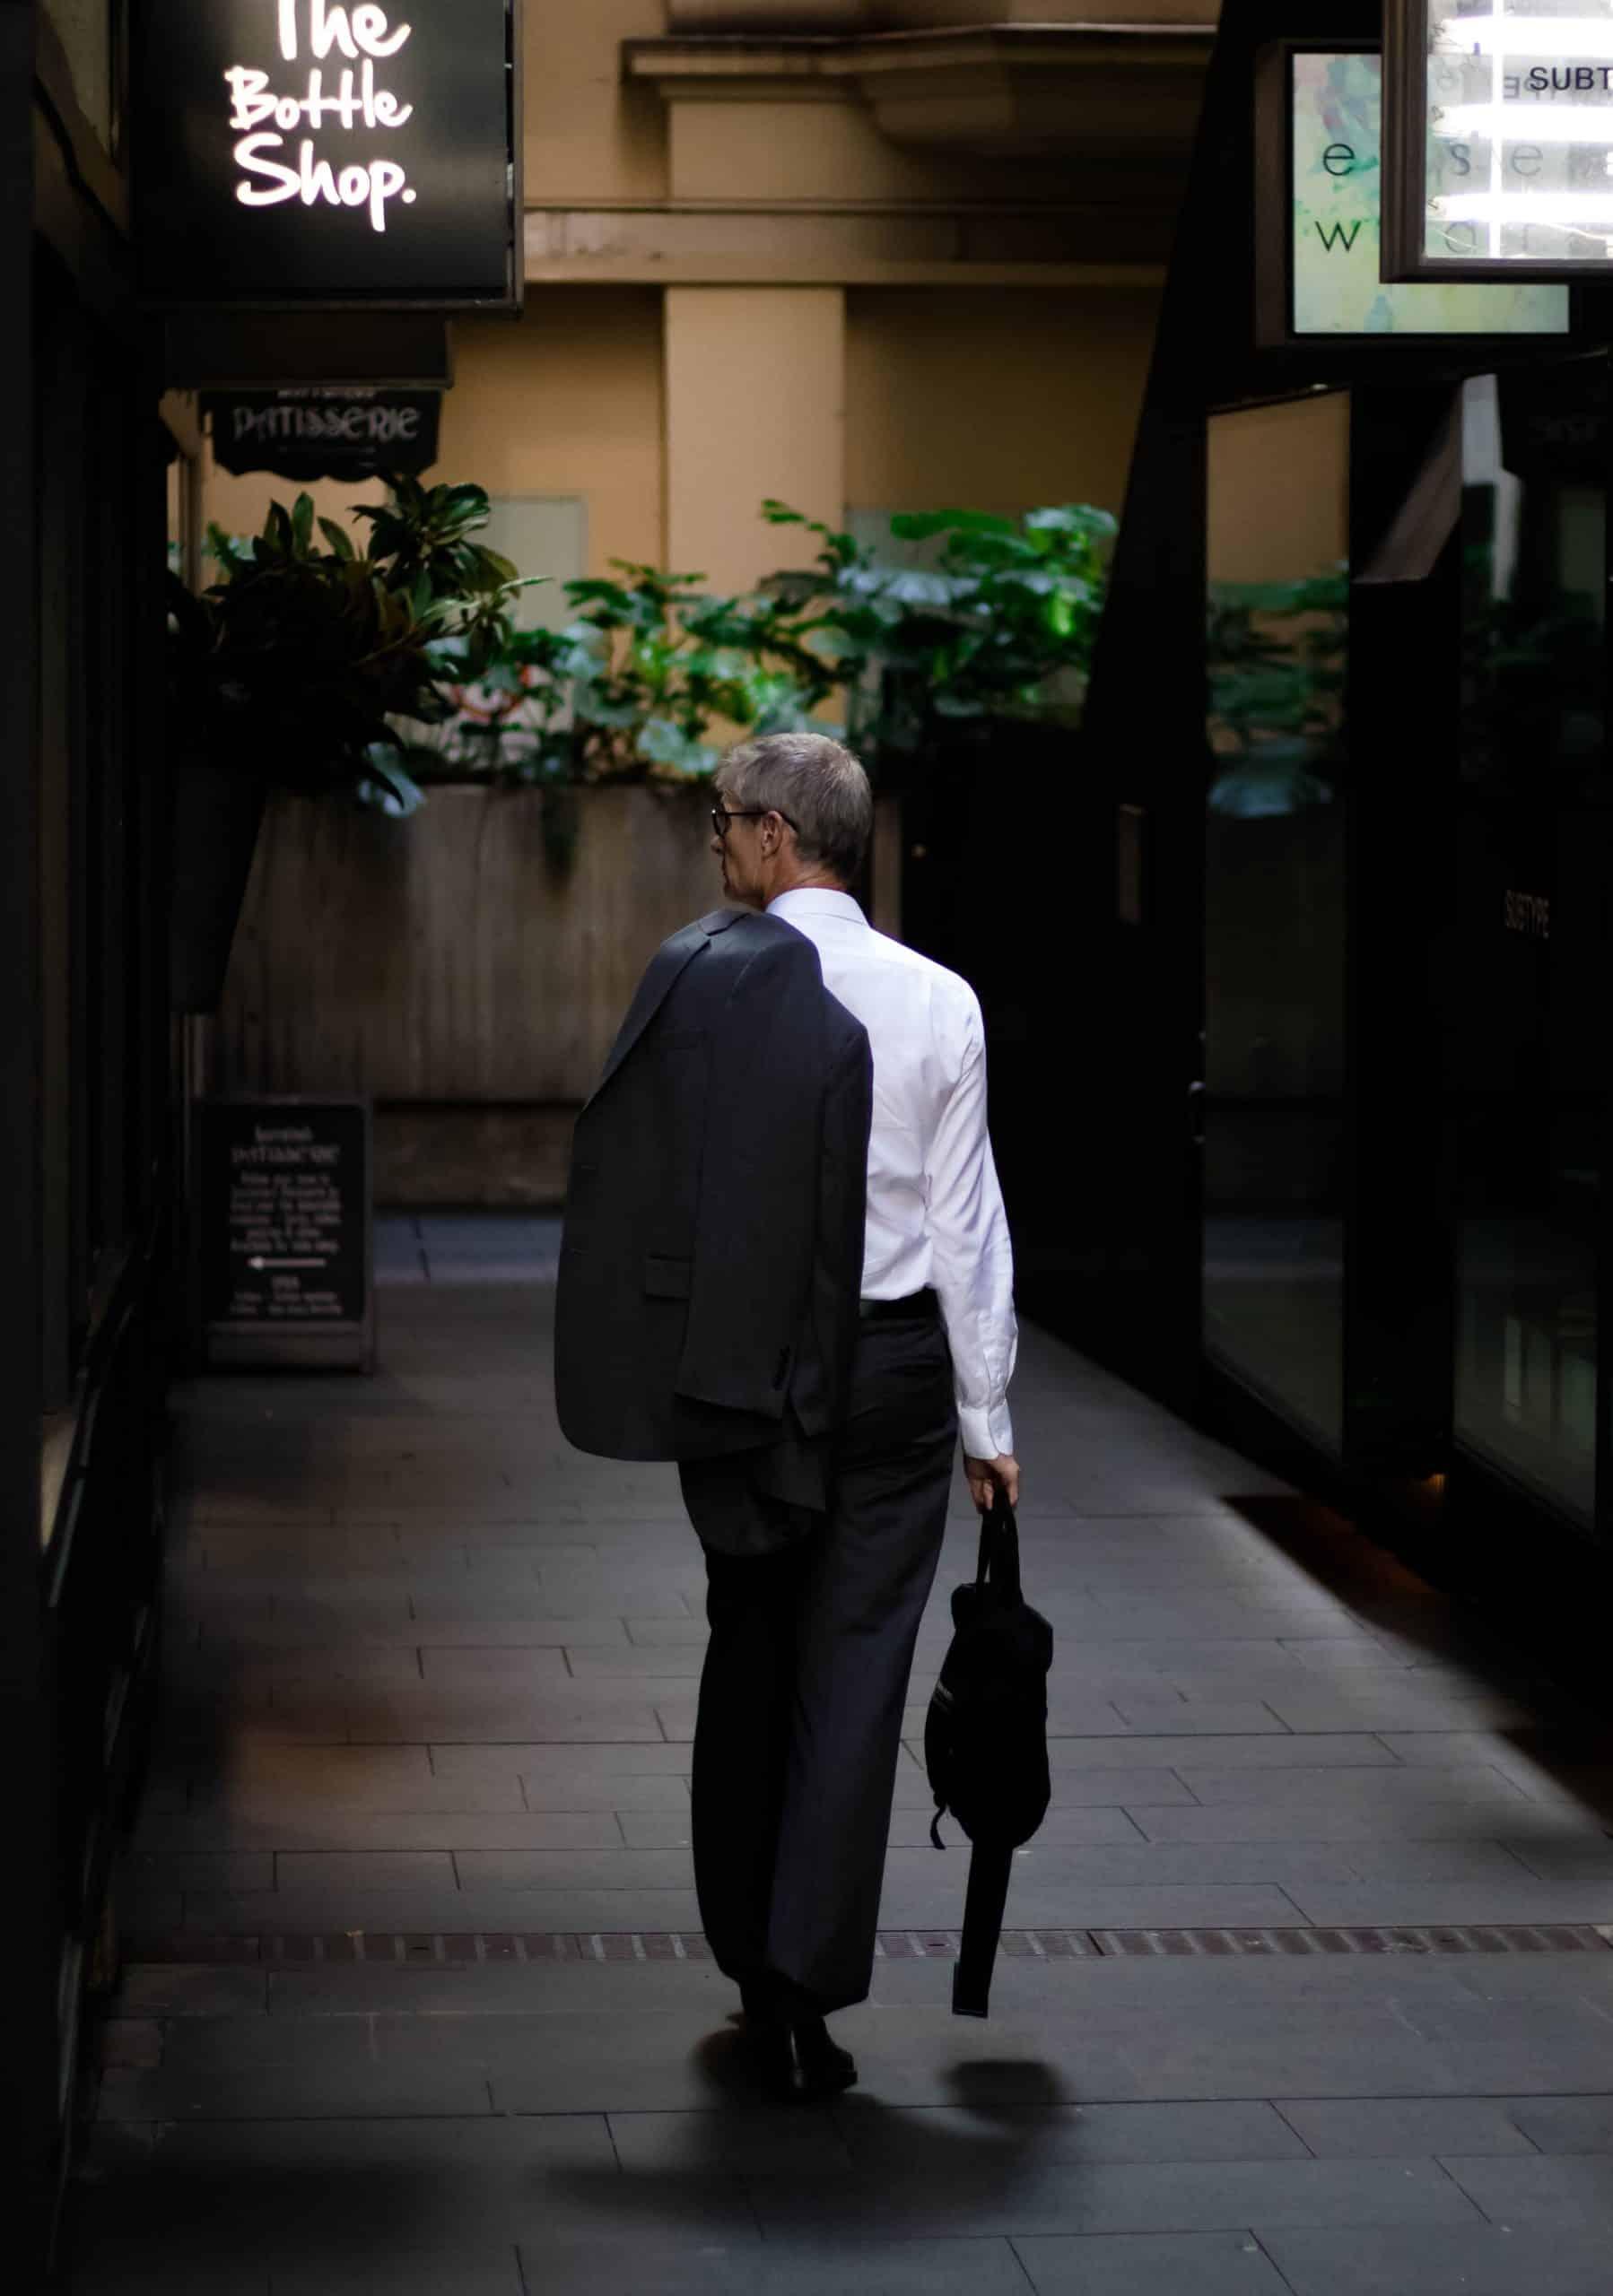 Job Market Record Quits Article Image